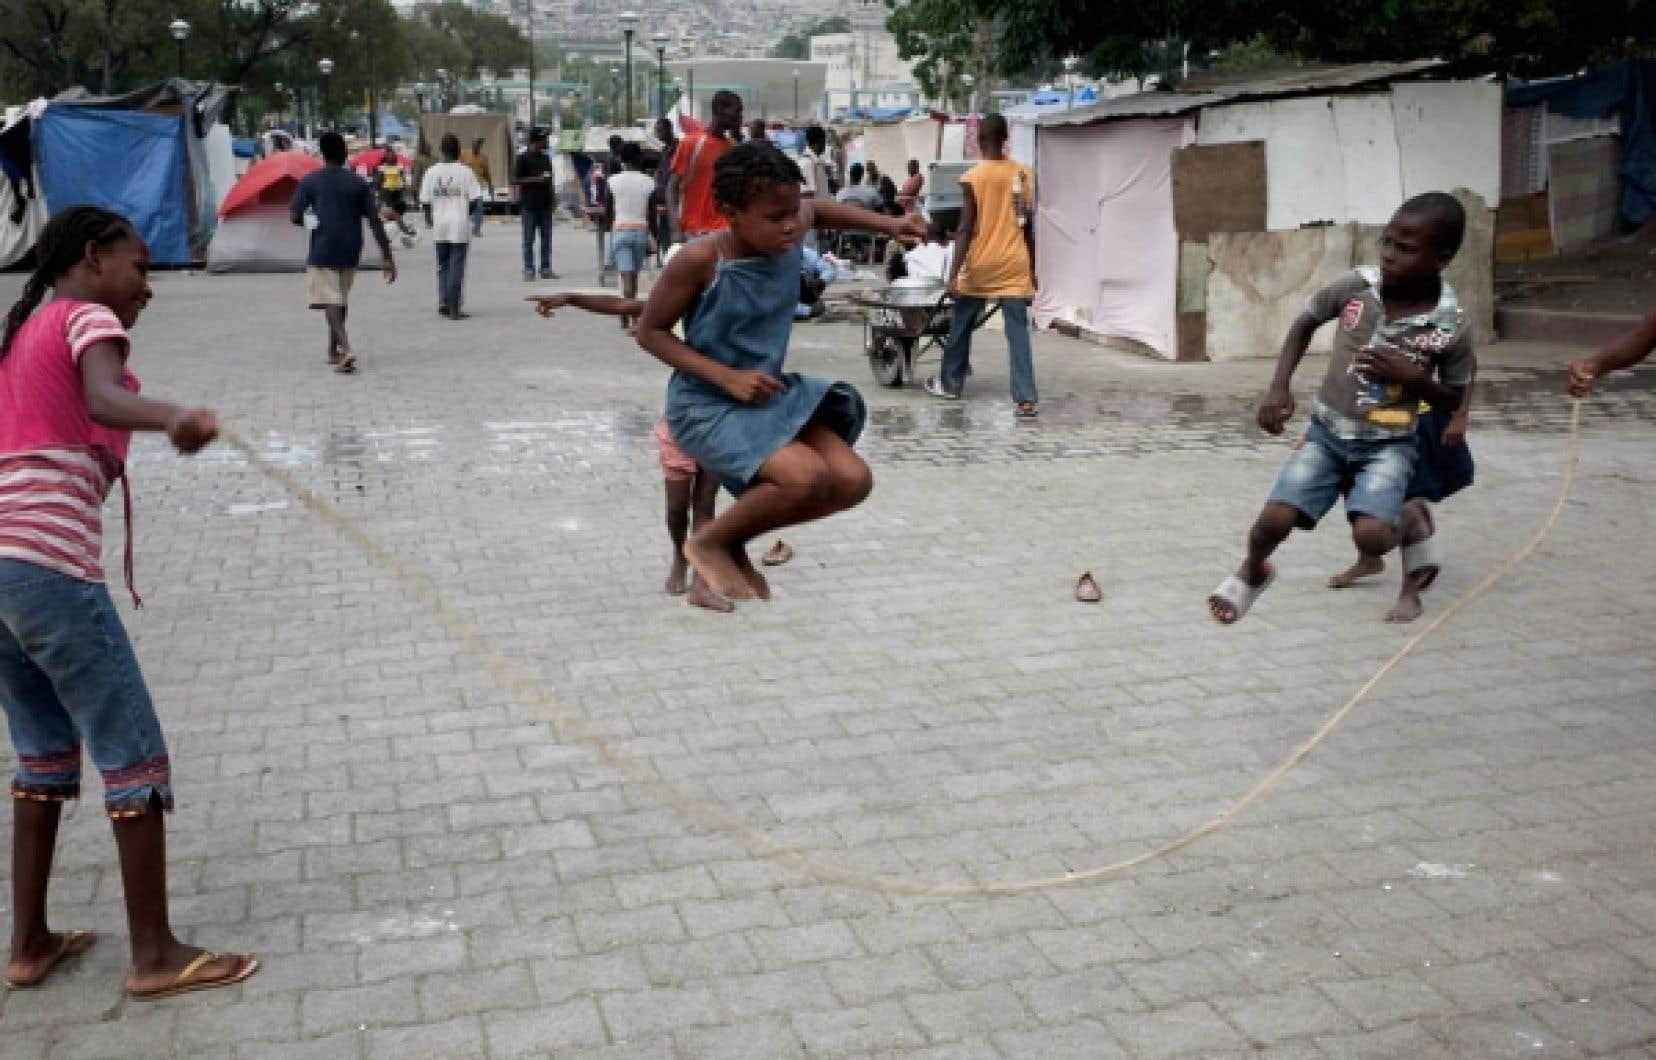 Le Québec est une des seules administrations au monde à avoir assoupli ses règles d'immigration pour faciliter la réunification des familles haïtiennes touchées par le tremblement de terre.